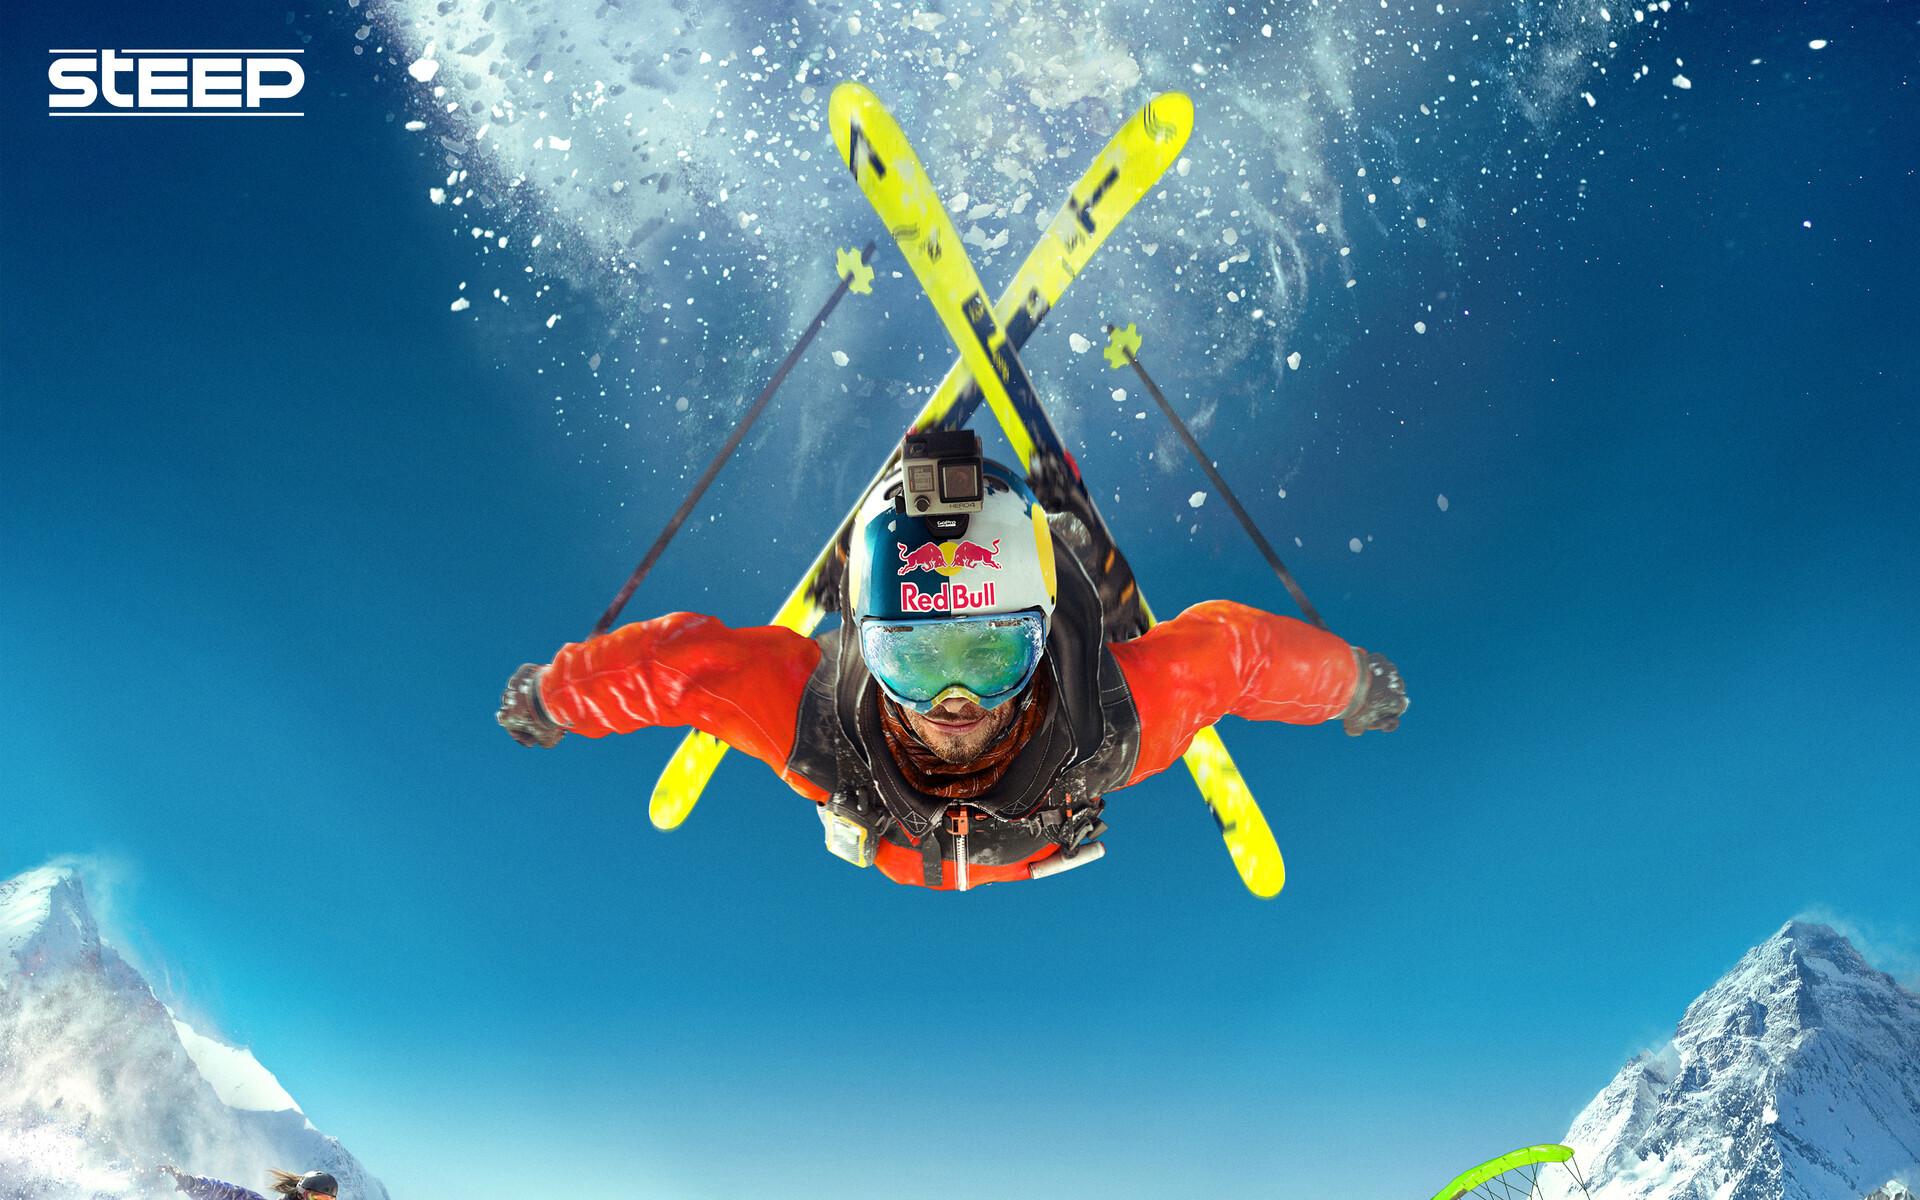 Damien levaufre steep skiing